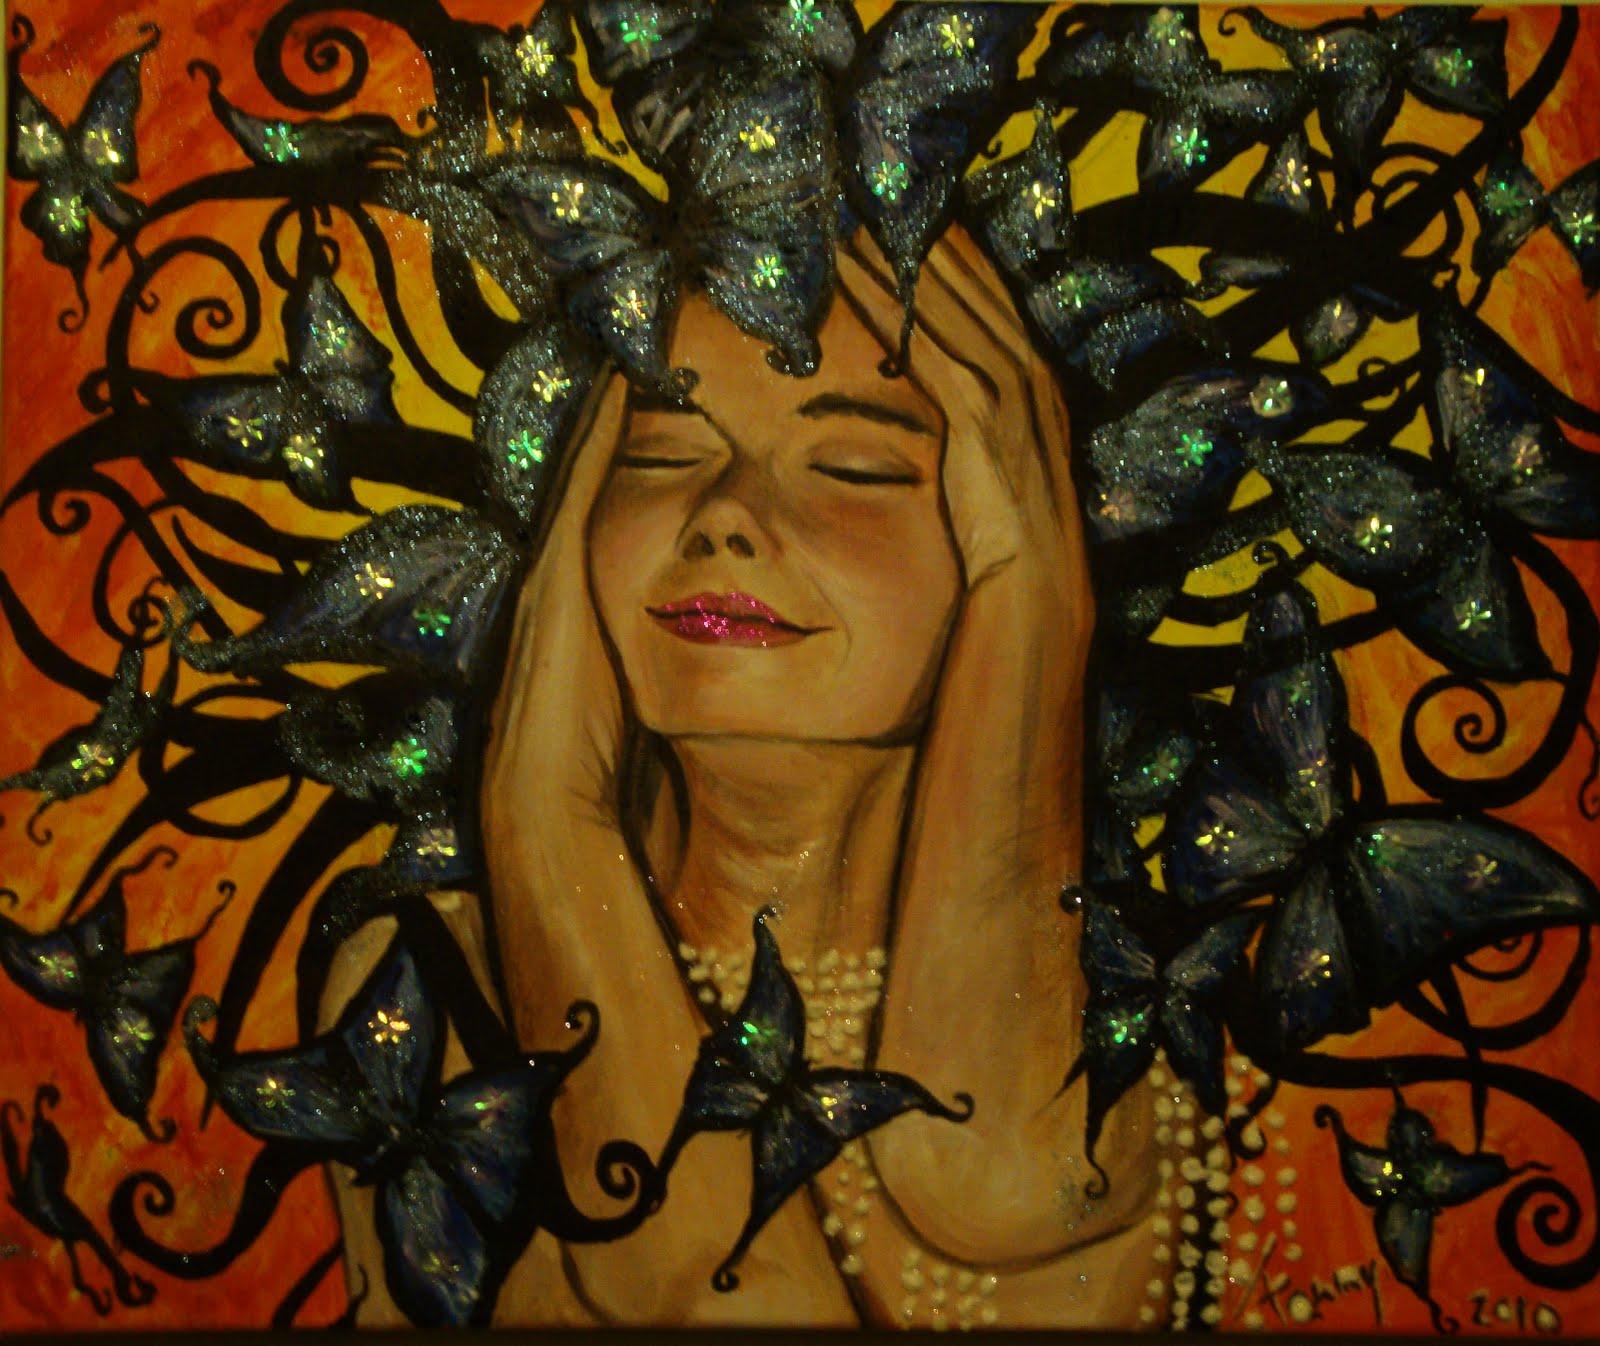 http://3.bp.blogspot.com/_LvRYlmhiJaE/TGtDXOZZTbI/AAAAAAAAE2I/TjHGxULWgaU/s1600/bjork+butterflies+in+the+head.jpg